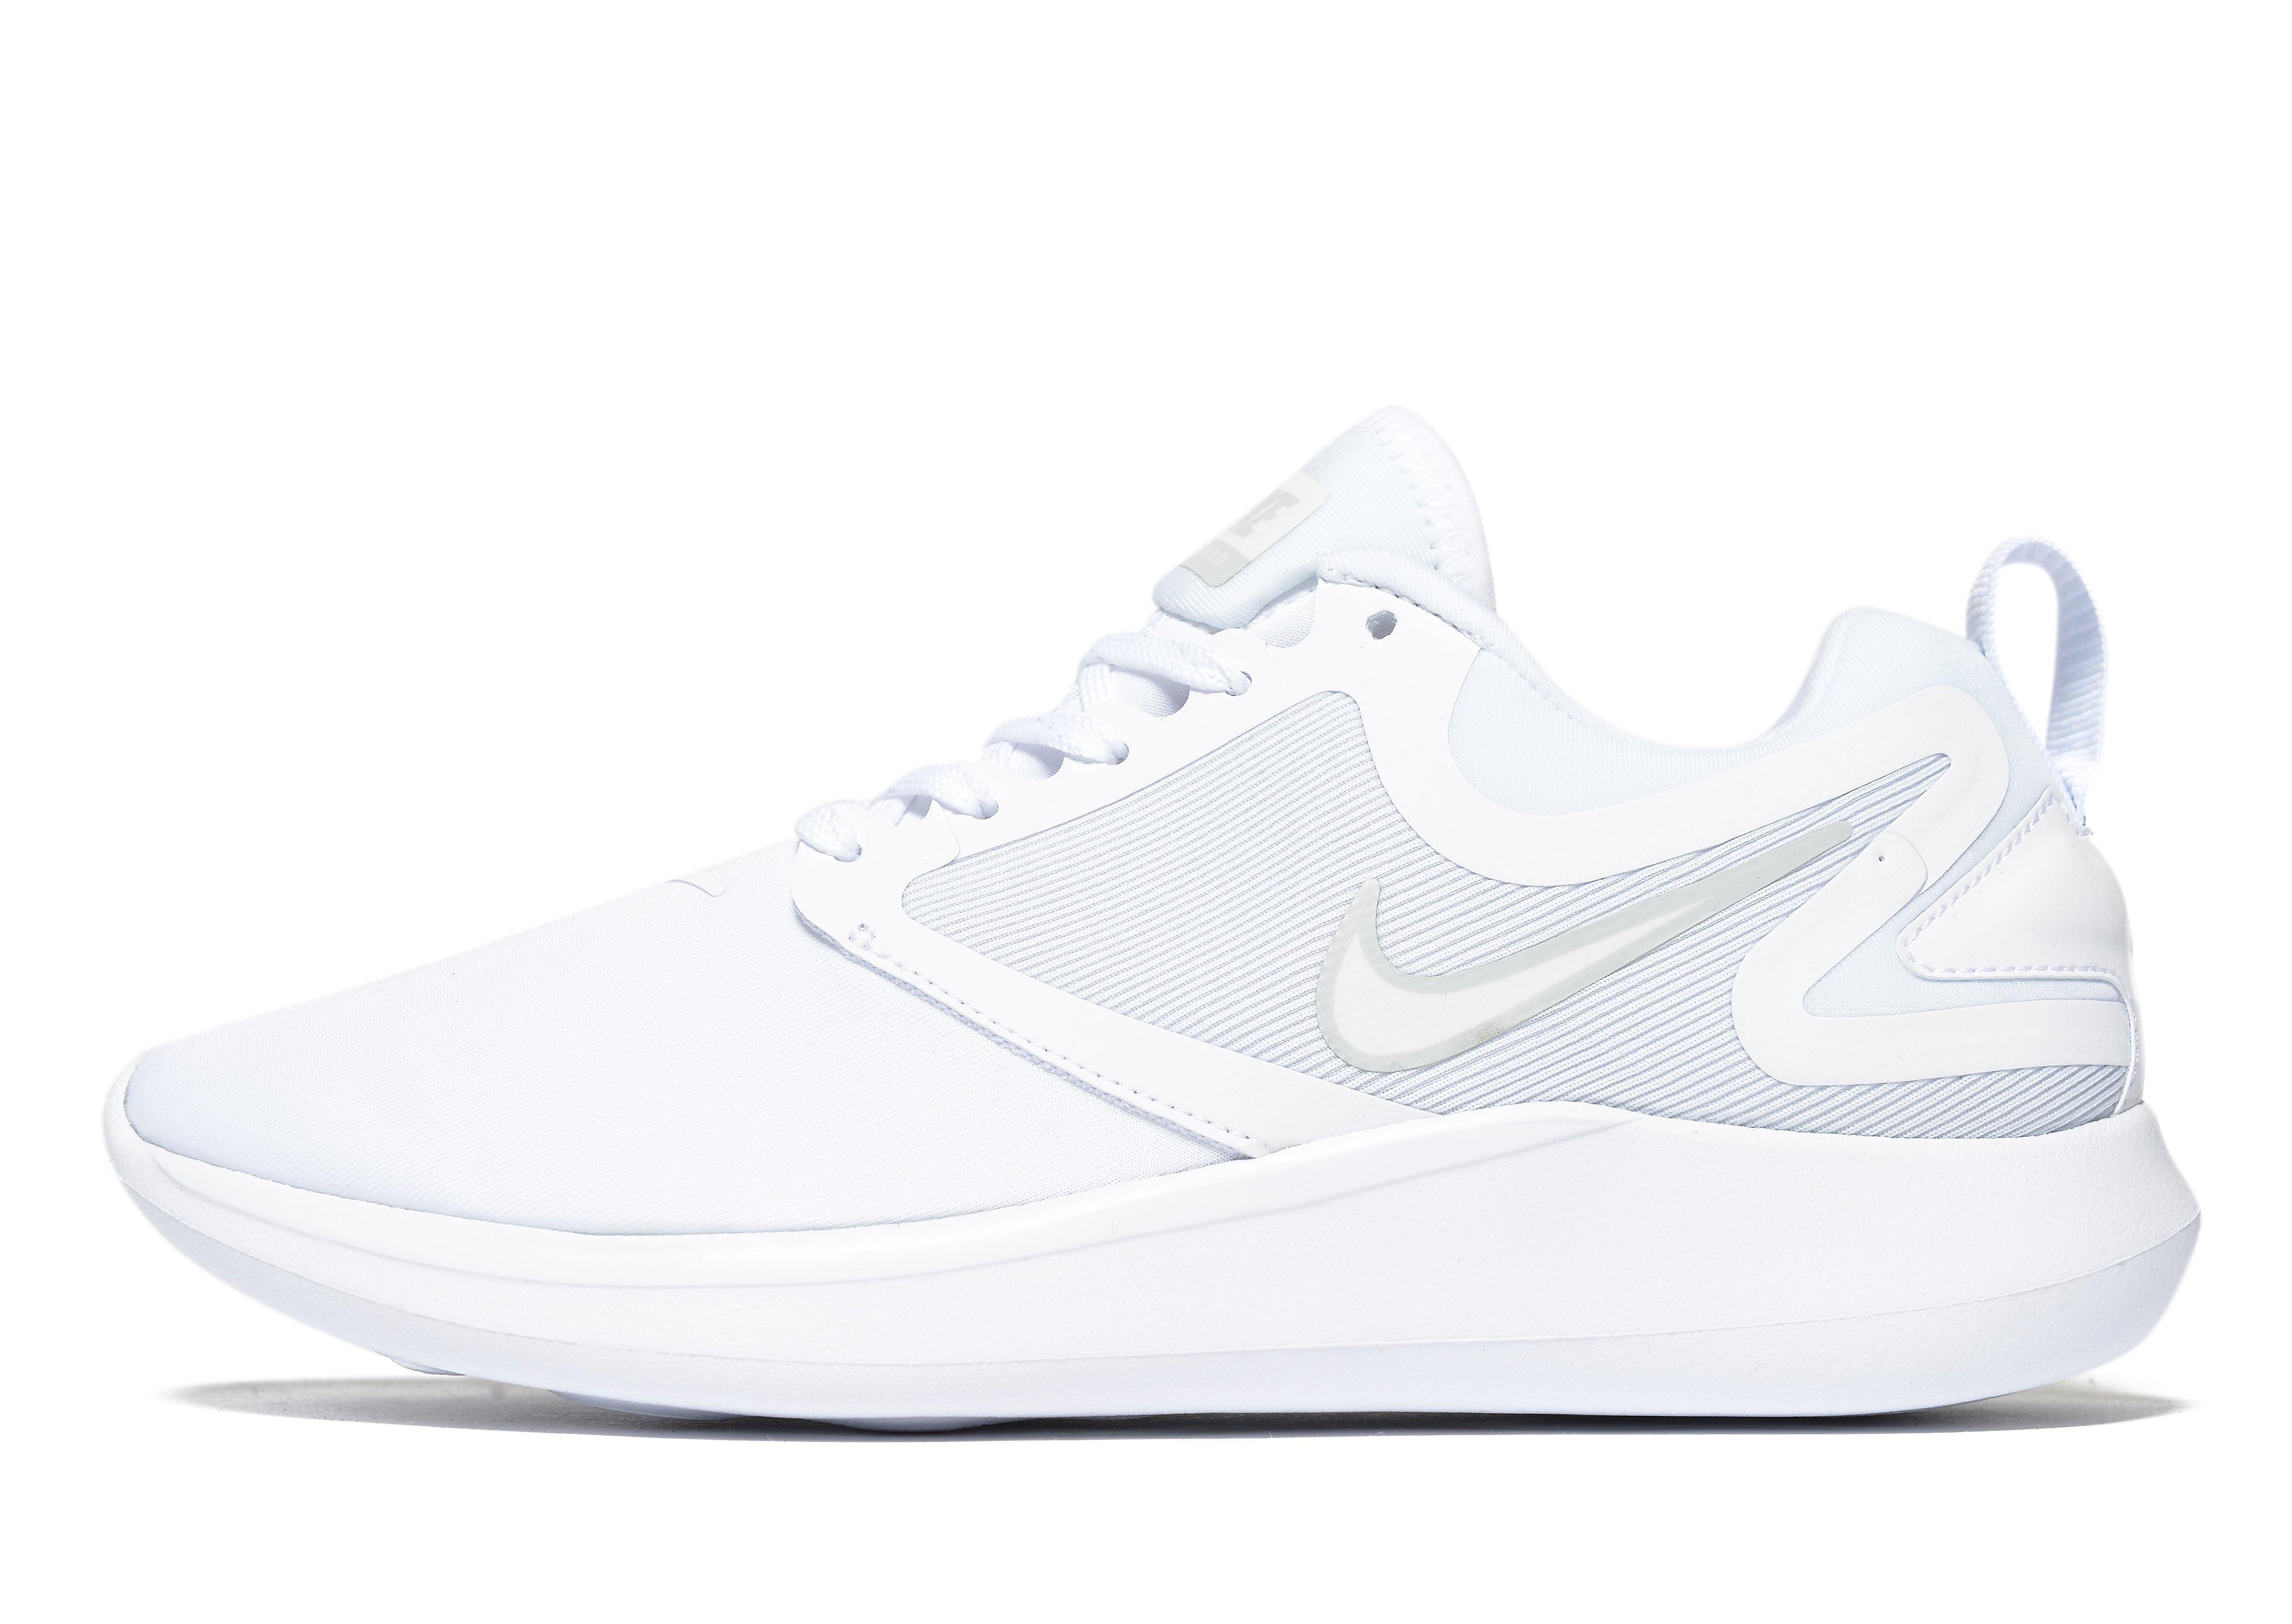 Nike Lunar Solo Run Women's